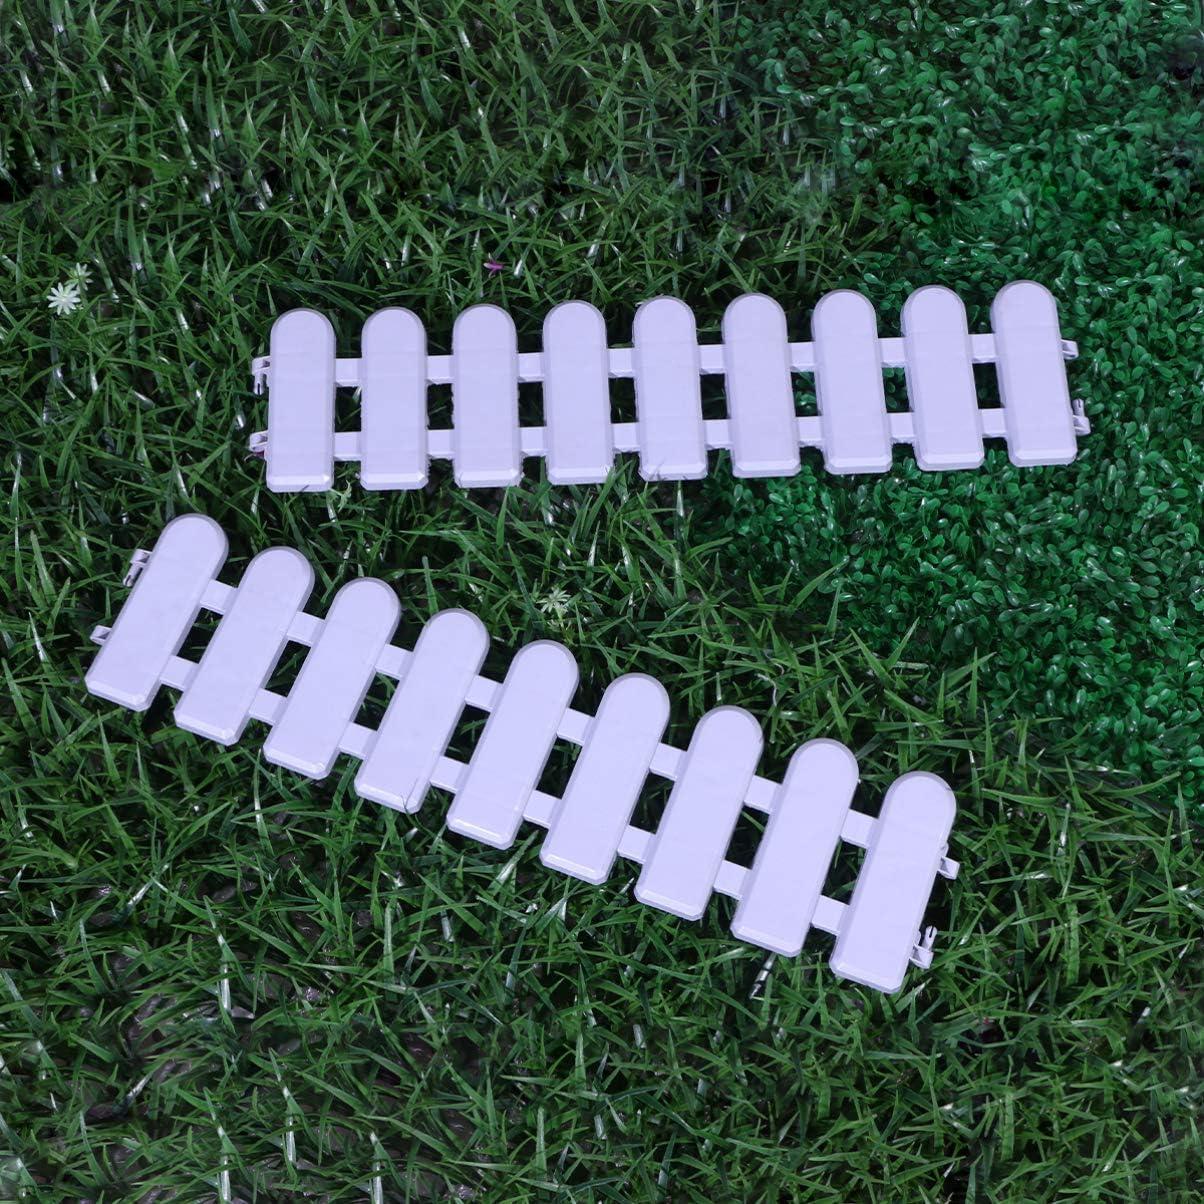 Blanco NICEXMAS 2 Piezas Miniatura Jard/ín de Hadas Valla de Pl/ástico Jard/ín de Hadas Casa de Mu/ñecas Decoraci/ón del Paisaje